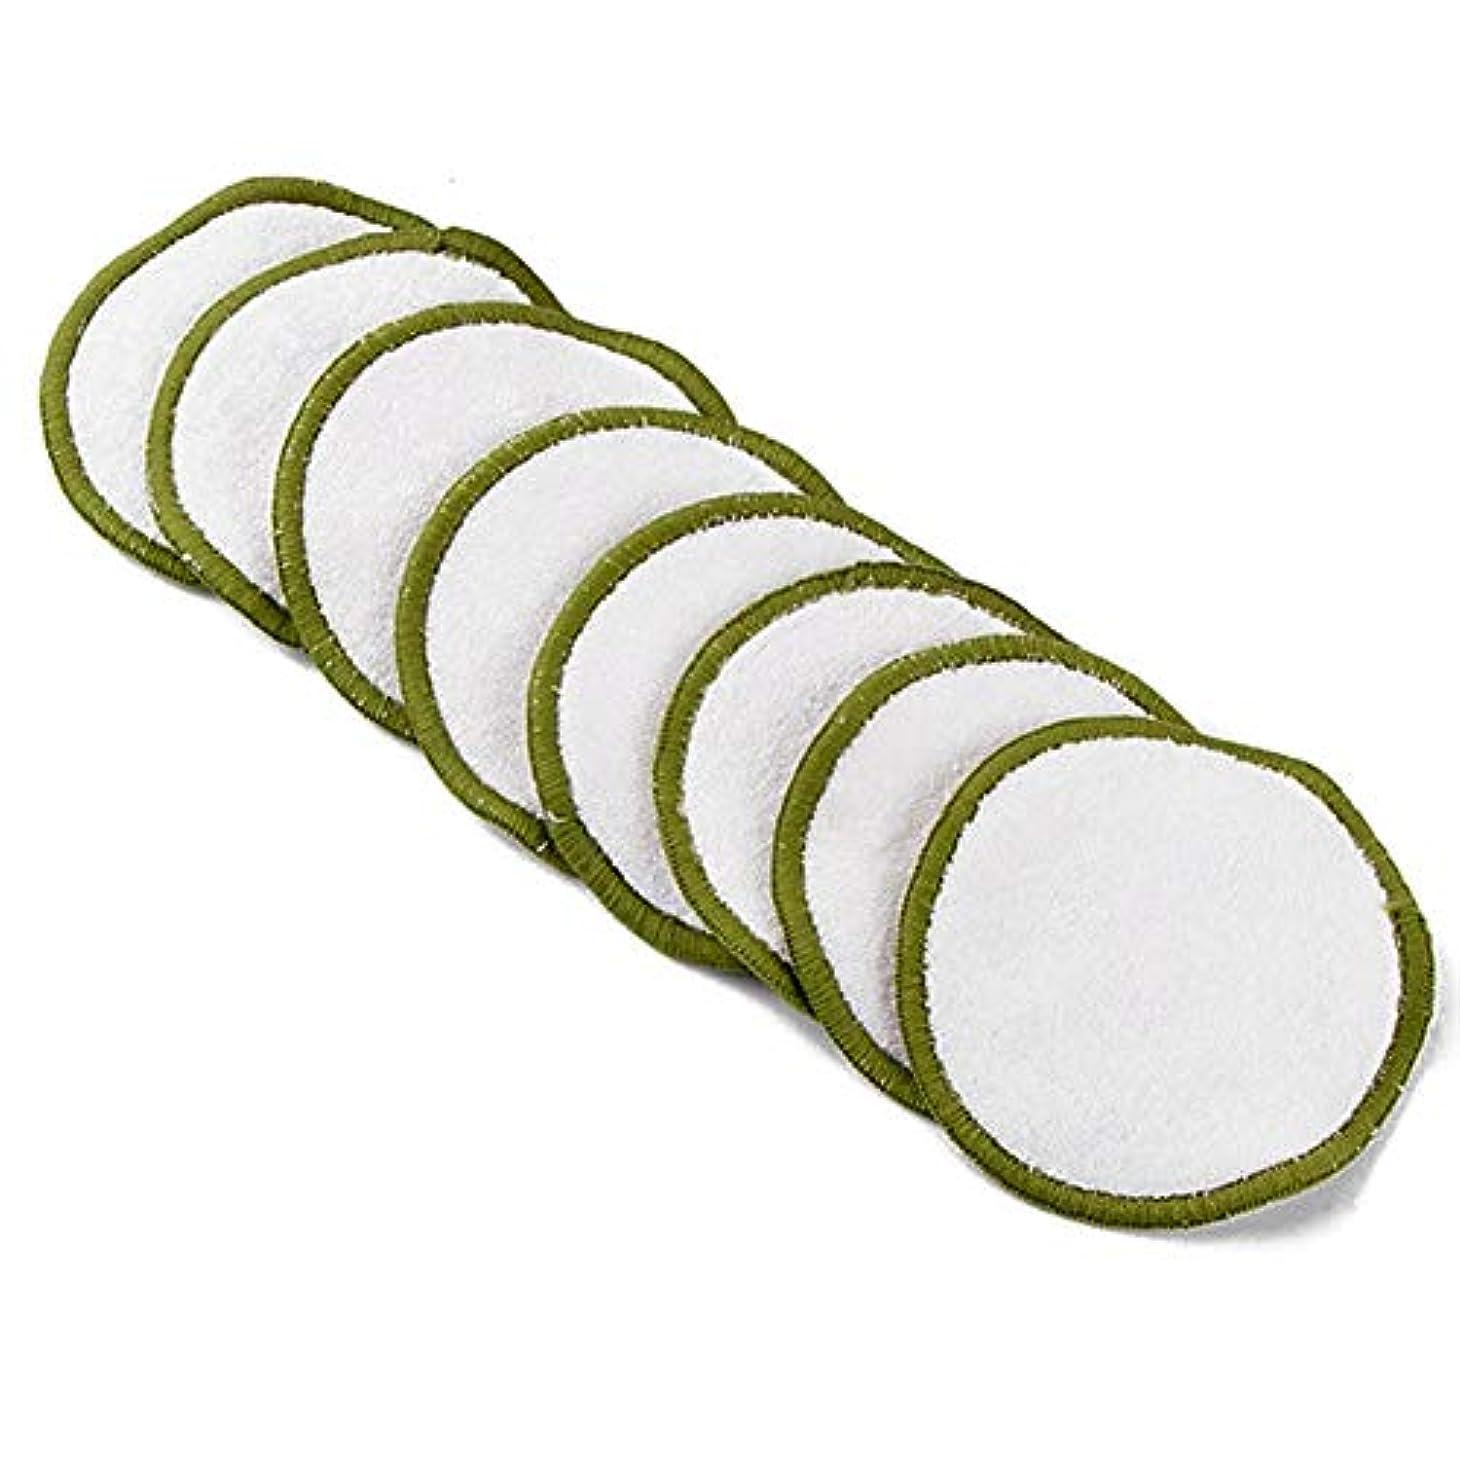 ジョージエリオット不平を言う協力的16個の竹繊維化粧リムーバー洗える竹繊維化粧リムーバー綿パッド化粧リムーバーパッド(16竹繊維+綿メッシュバッグ)